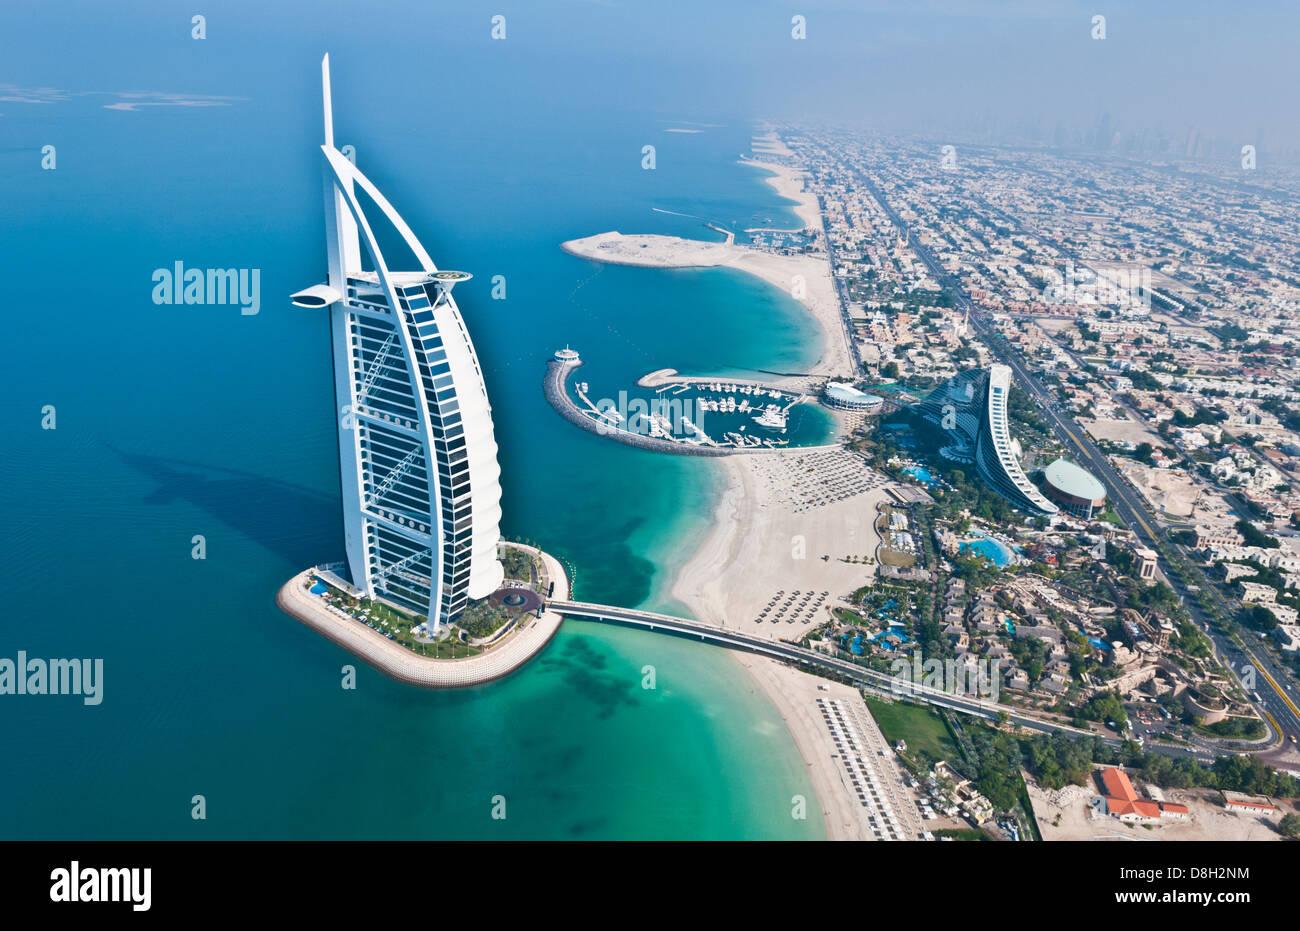 Weltweit Einzige 7 Sterne Hotel In Dubai Vae Genannt Das Burj Al